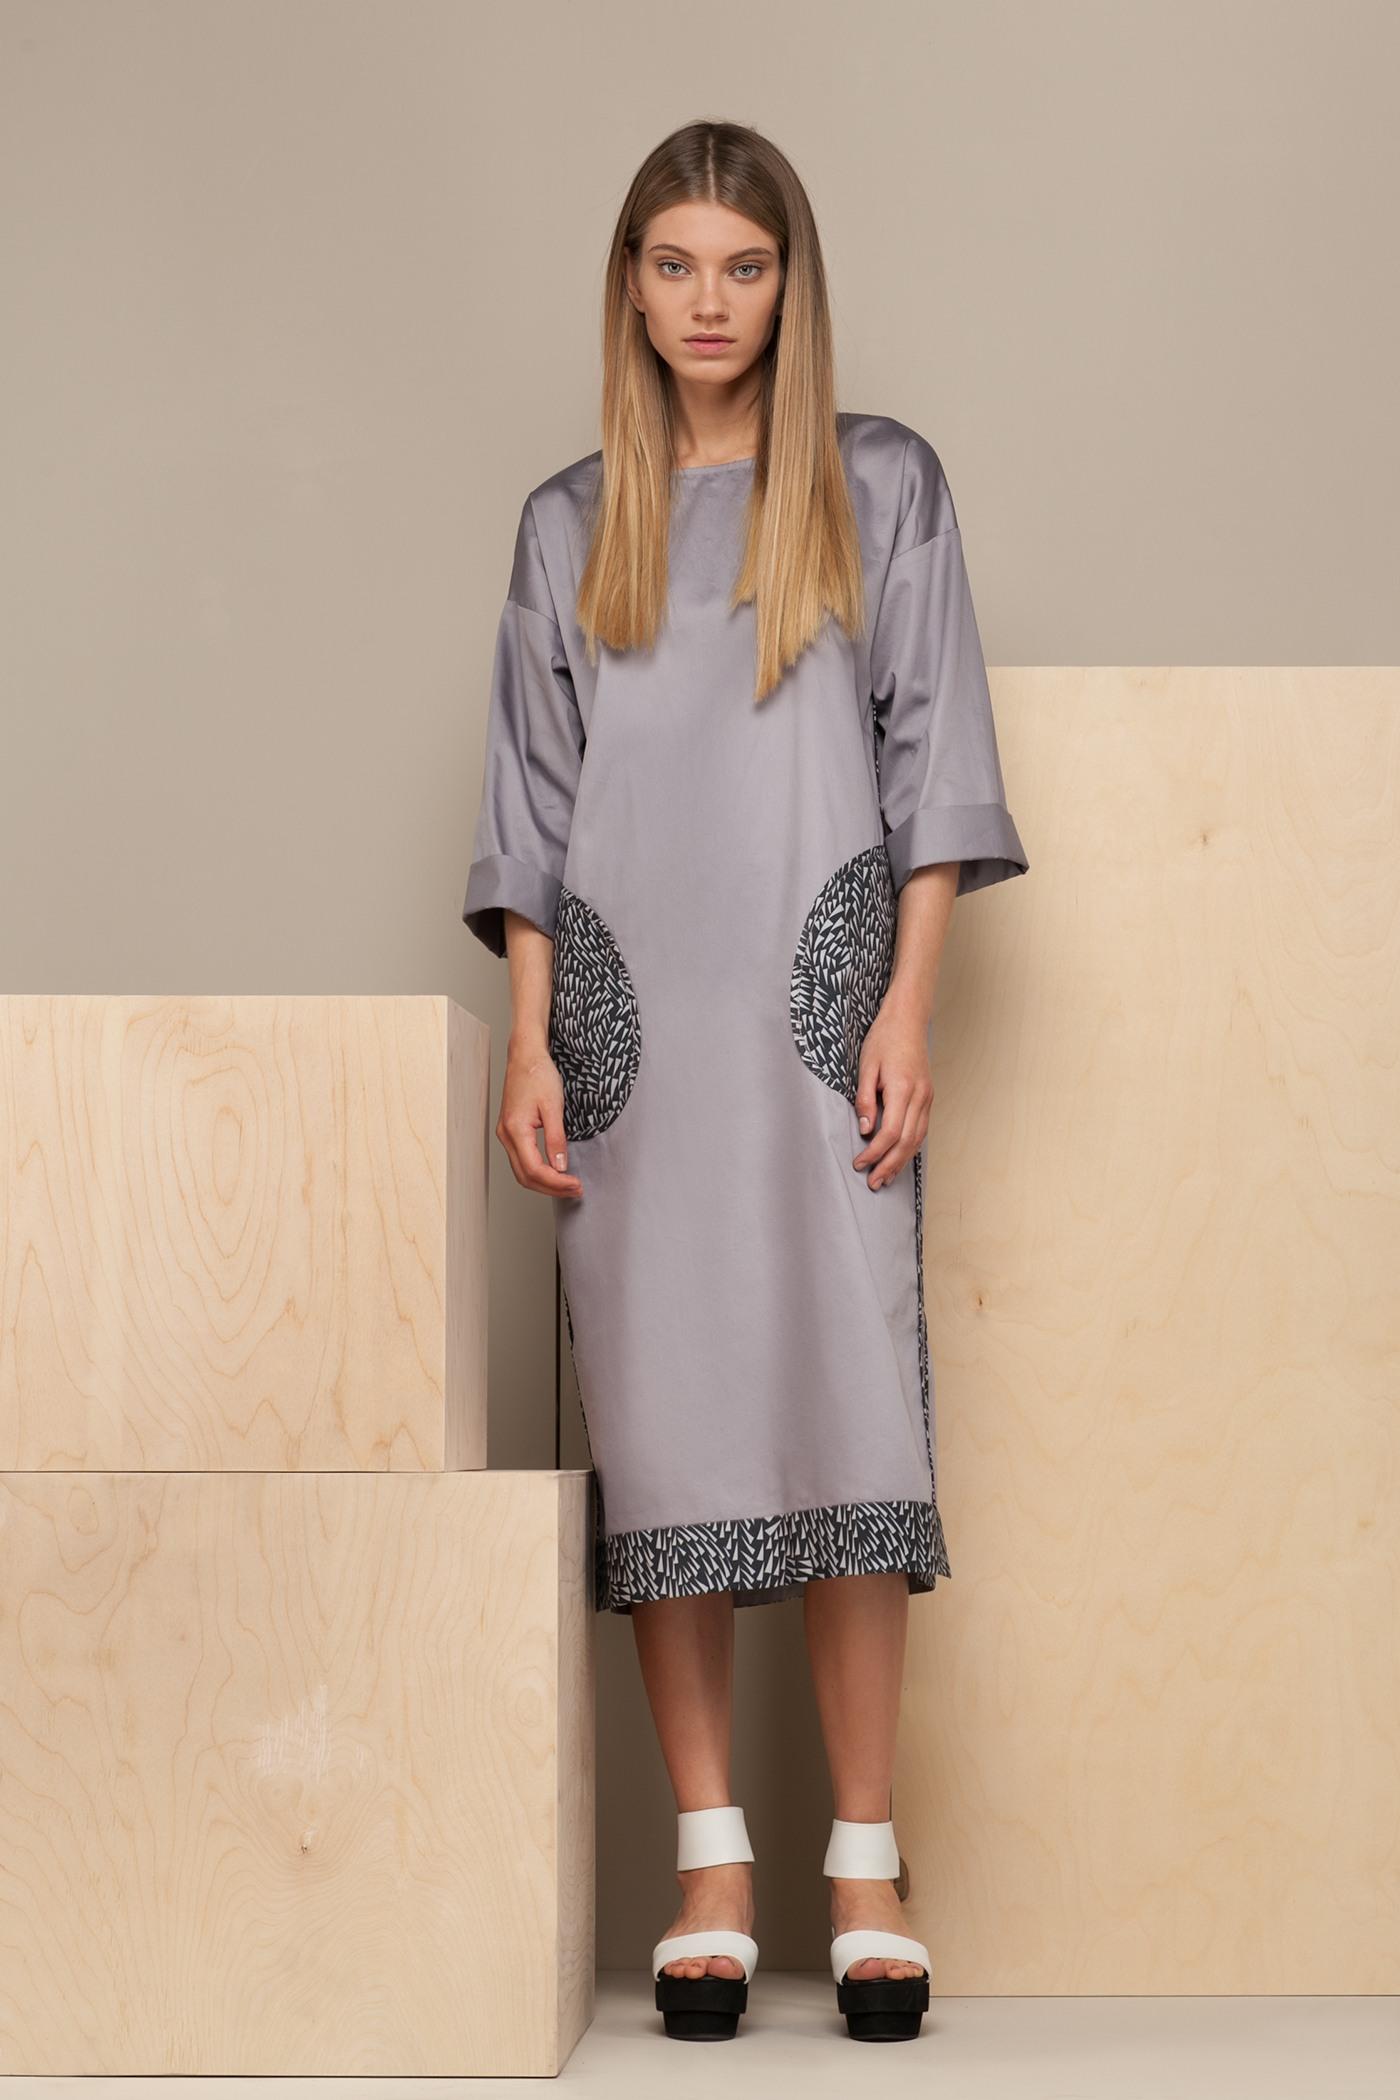 Платье средней длины - TildaСвободное платье средней длины прямого силуэта из хлопка с О-образным вырезом и декоративными карманами в районе бедер.&#13;<br>&#13;<br>&#13;<br>широкие рукава 2/3&#13;<br>&#13;<br>необычная отделка швов - наружу&#13;<br>&#13;<br>размер и другие нюансы уточняются при заказе, мы с вами связываемся по указанному вами номеру телефона<br><br>Цвет: Серый дым<br>Размер: XS, S, M<br>Ростовка: 164 -170